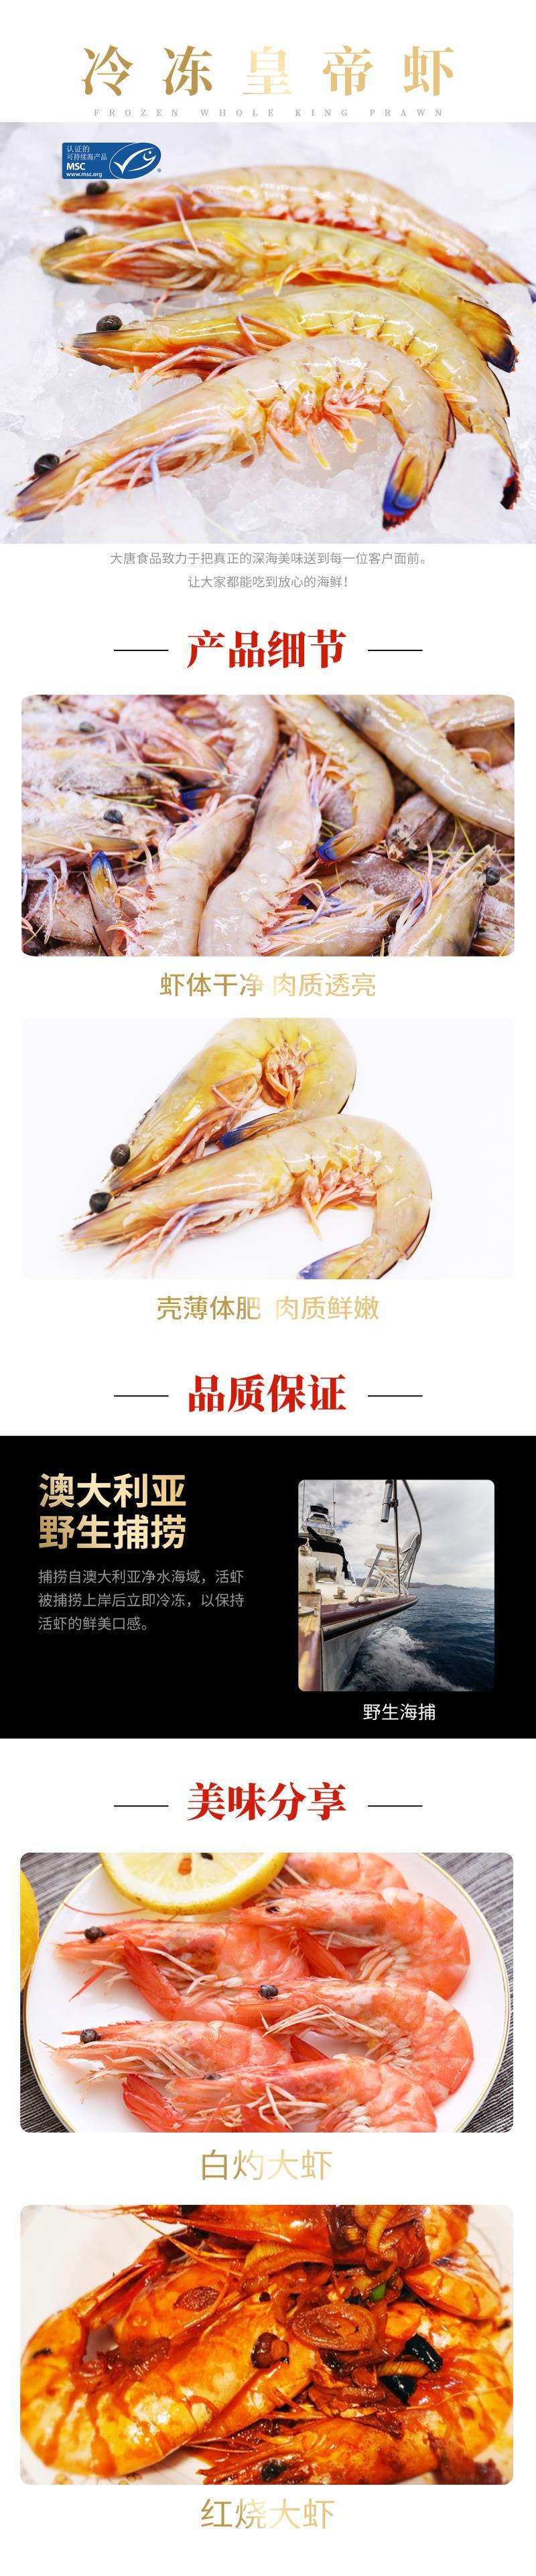 冷冻皇帝虾详情页.jpg